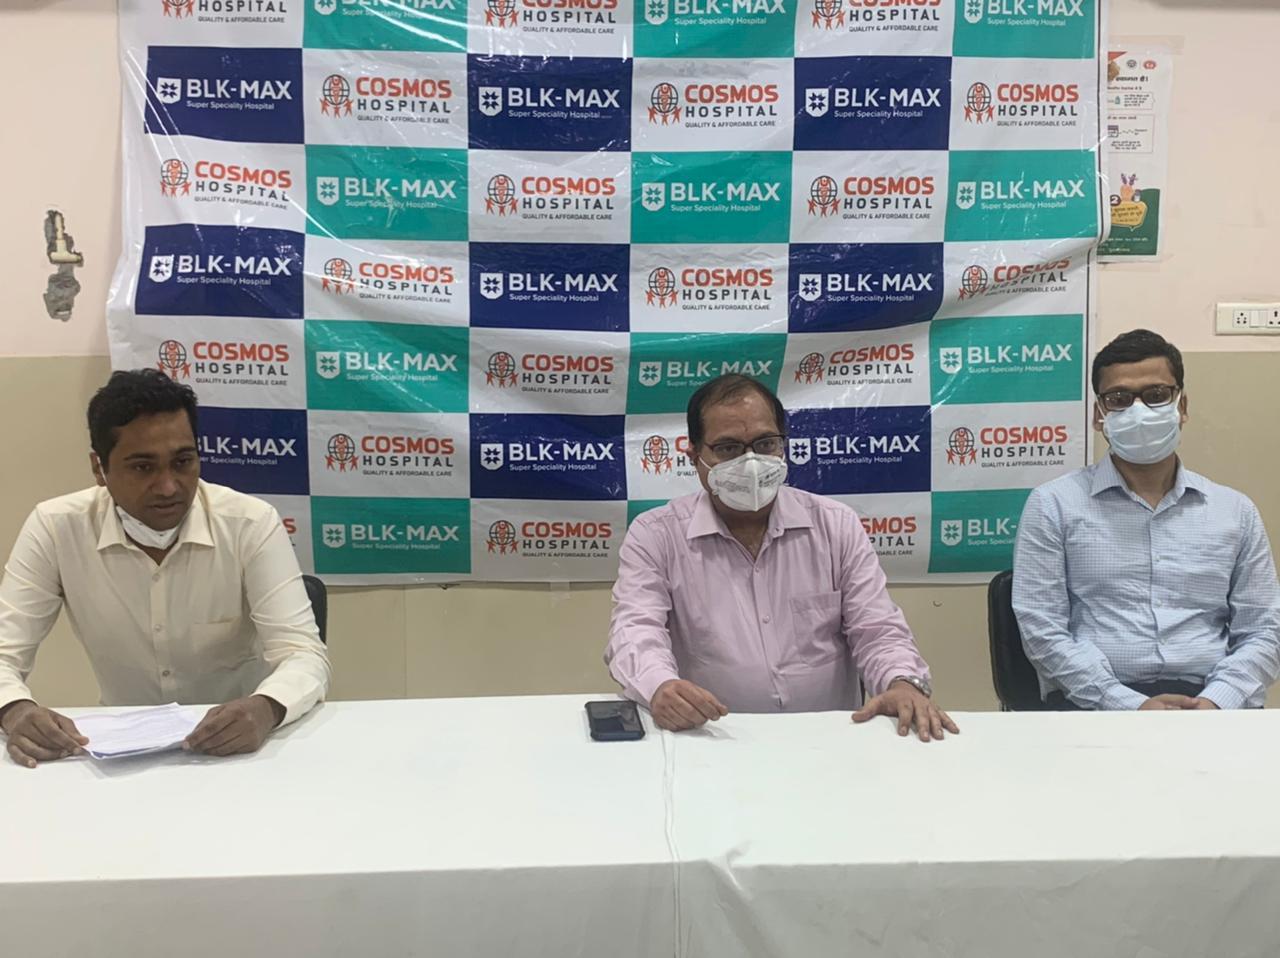 मुरादाबाद:बीएलके मैक्स हॉस्पिटल ने मासिक ओपीडी के लिए कॉसमॉस हॉस्पिटल के साथ किया करार,बेहतर चिकित्सा सुविधा के मद्देनजर उठाया कदम